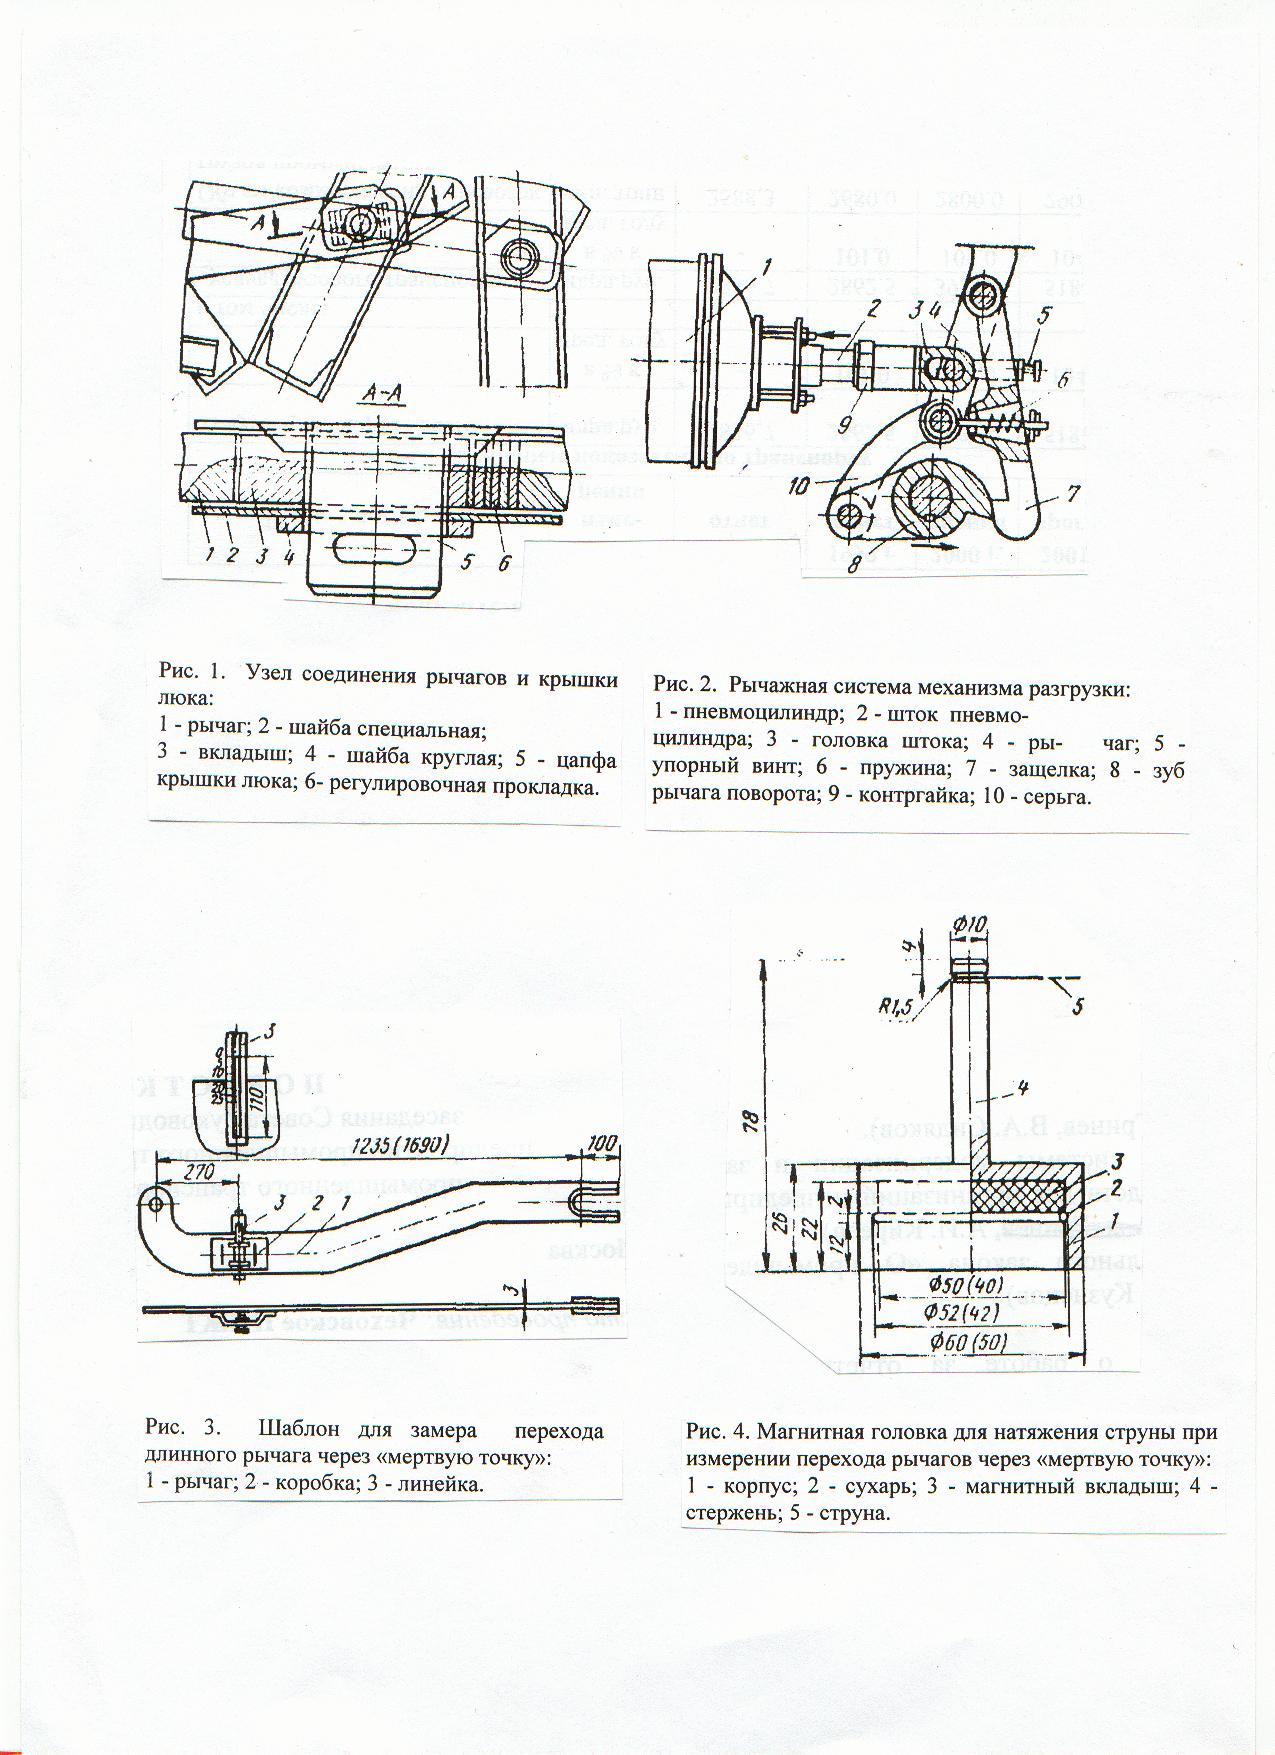 Схема стенда для гидравлических испытаний